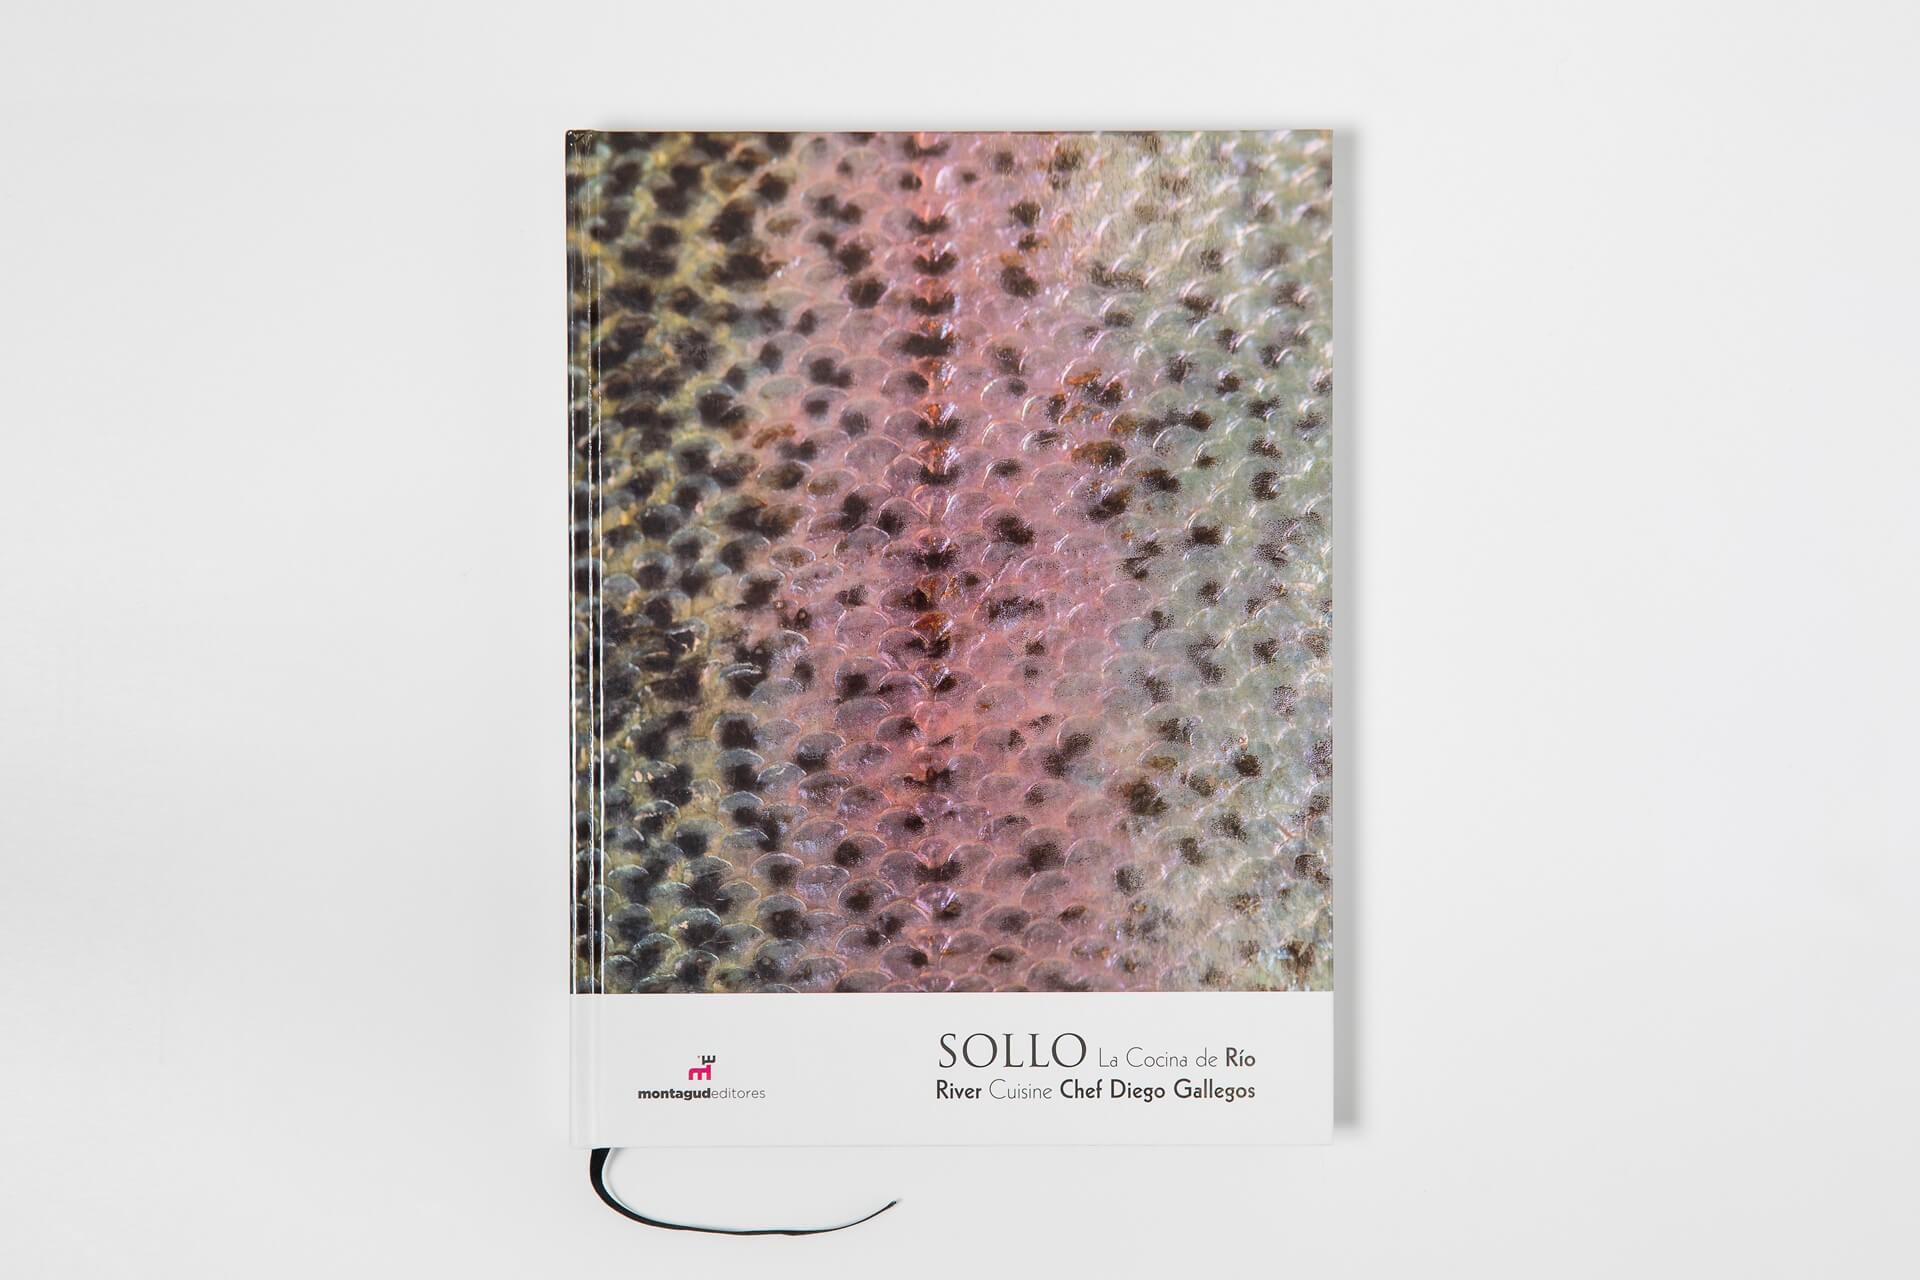 SOLLO_l